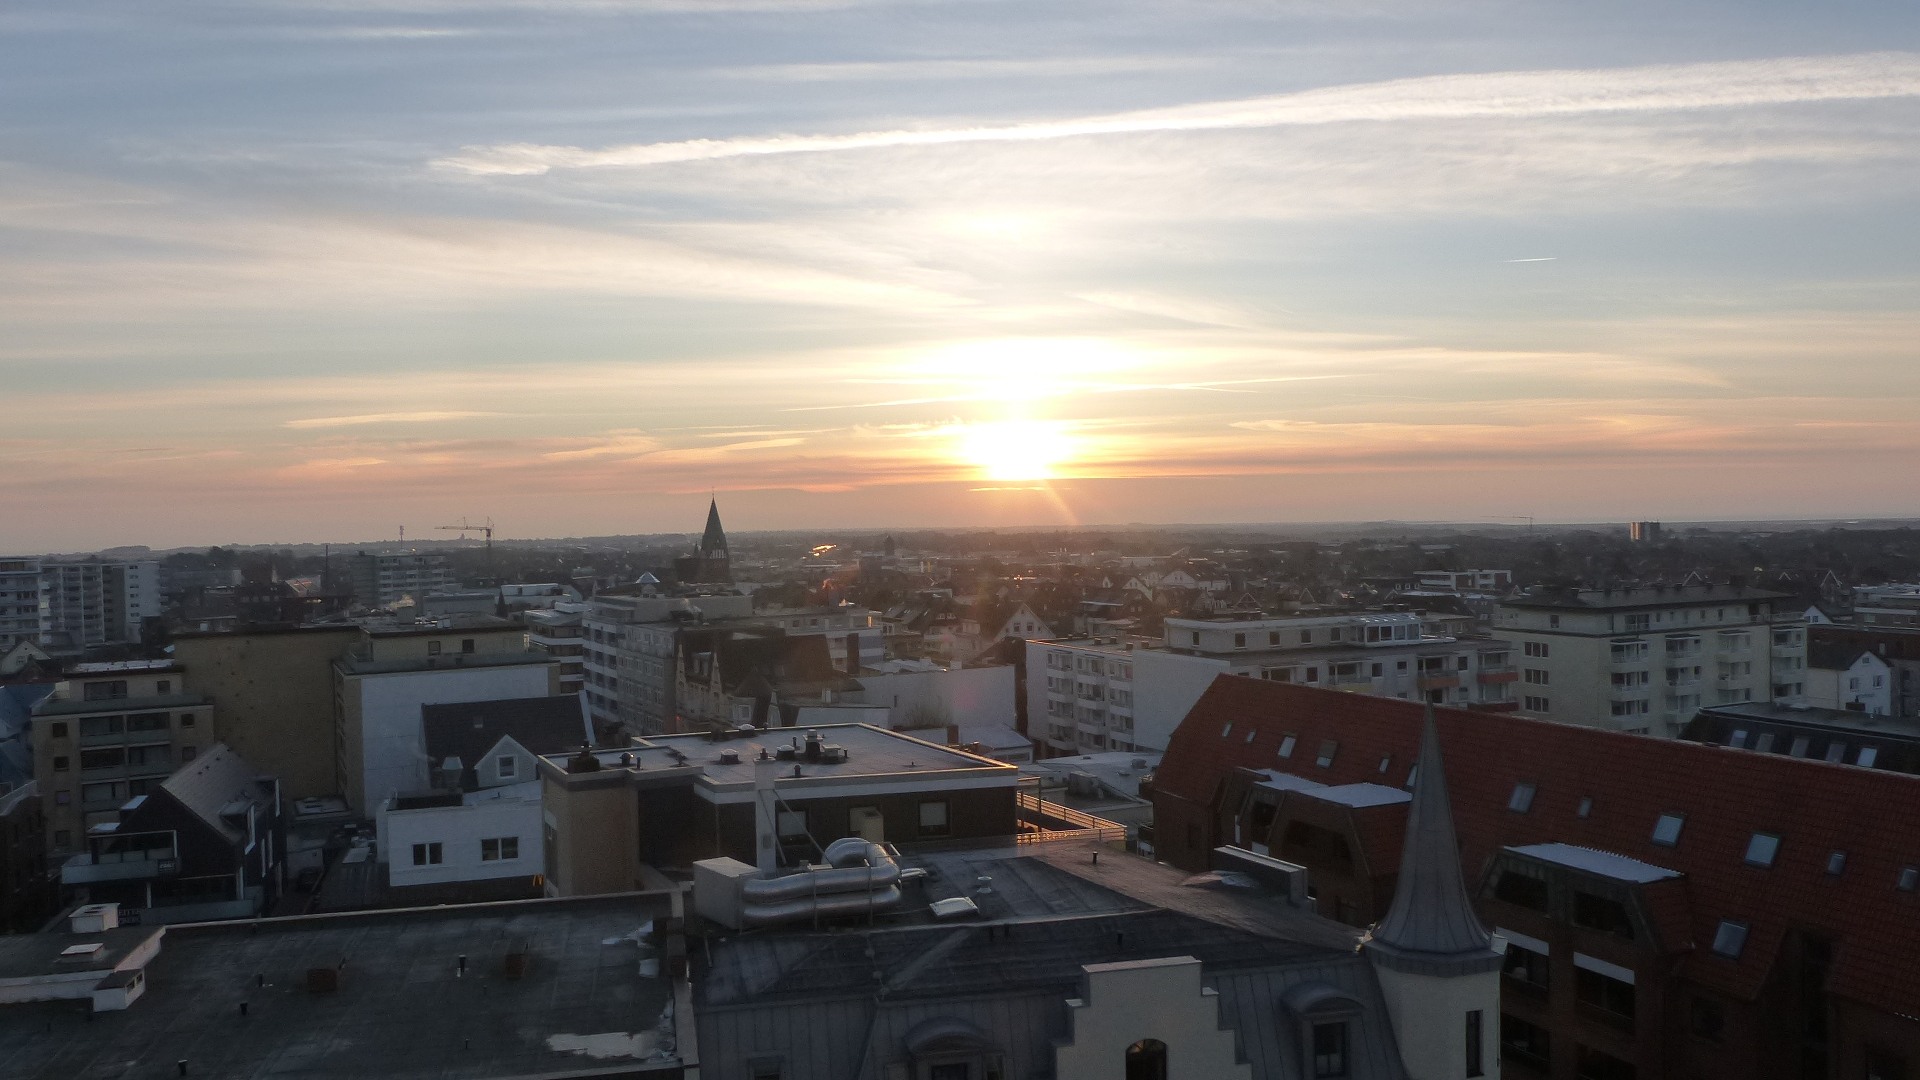 Immer wieder schön, die Sonnenuntergänge vor Sylt